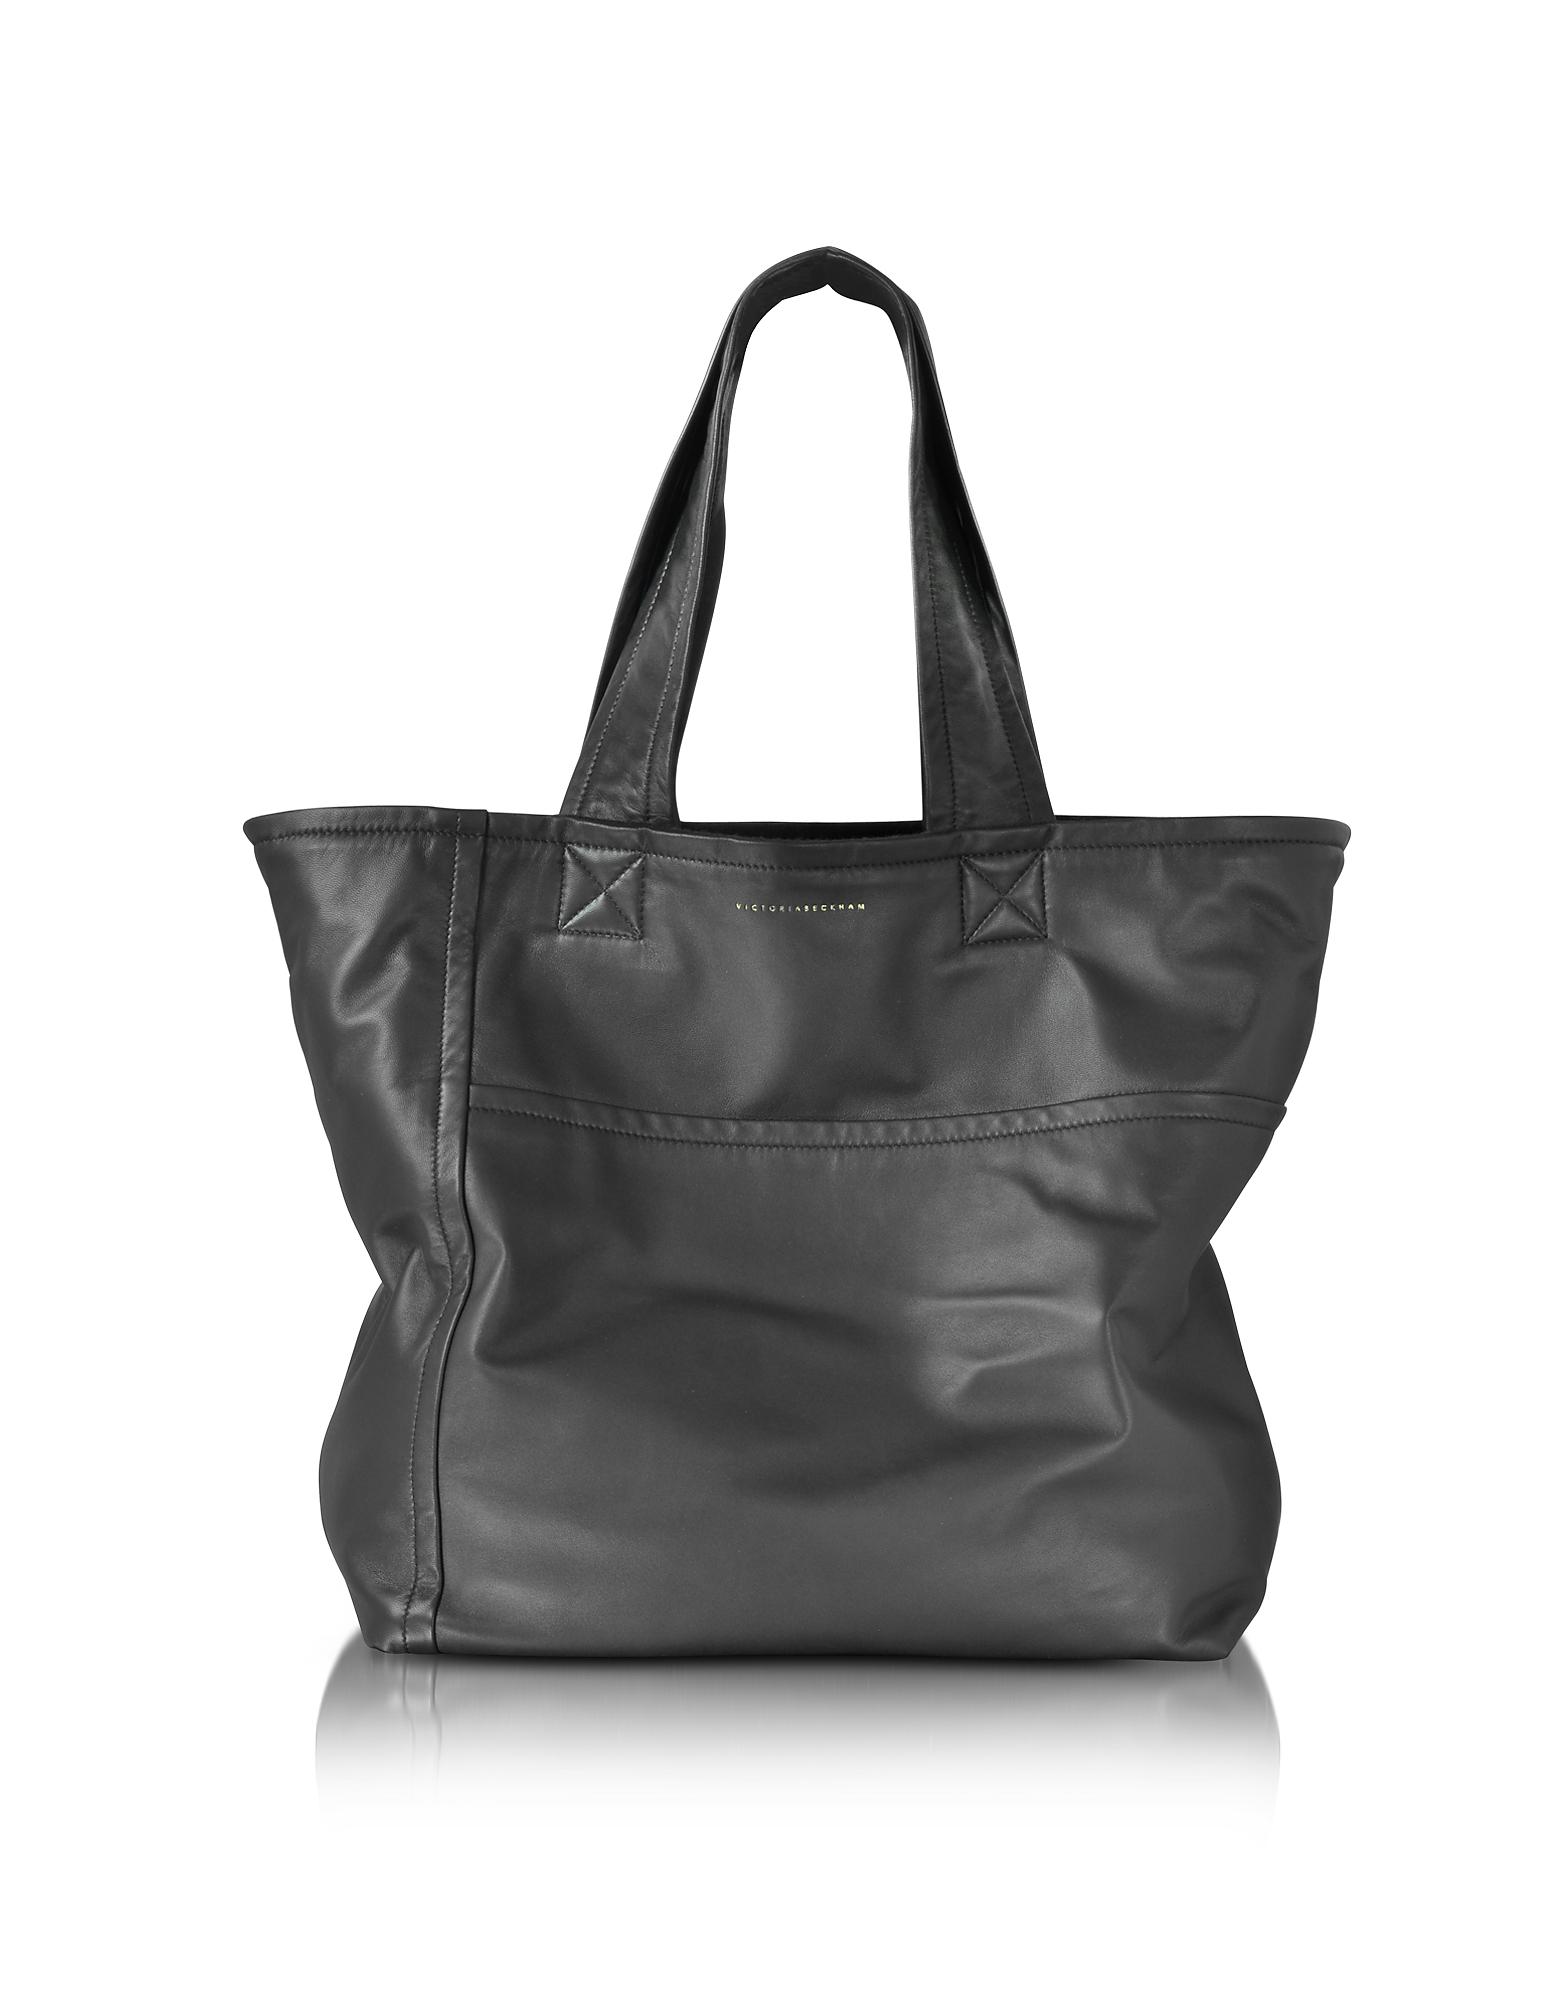 Victoria Beckham Sunday Bag - Черная Сумка из Кожи Наппа